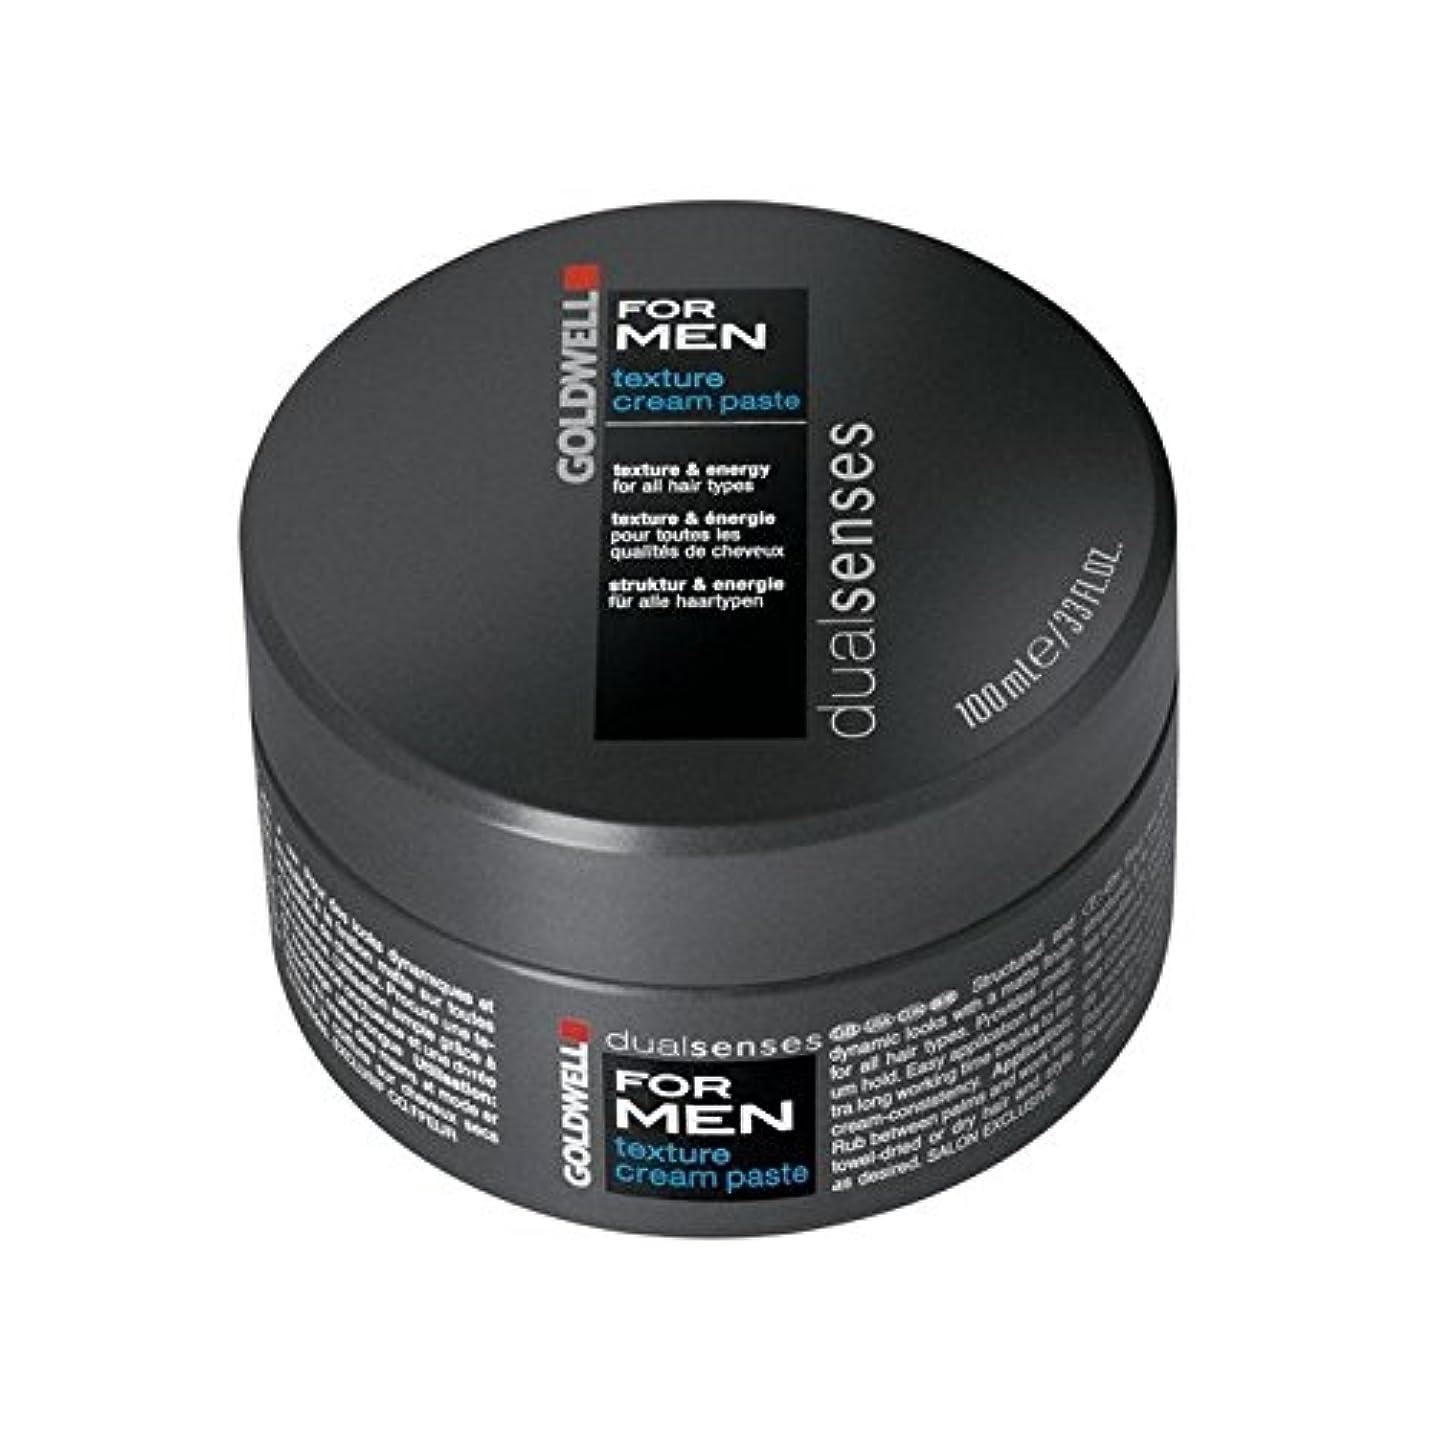 男性のテクスチャーのクリームペースト(100ミリリットル)のためのの x4 - Goldwell Dualsenses For Men Texture Cream Paste (100ml) (Pack of 4) [並行輸入品]